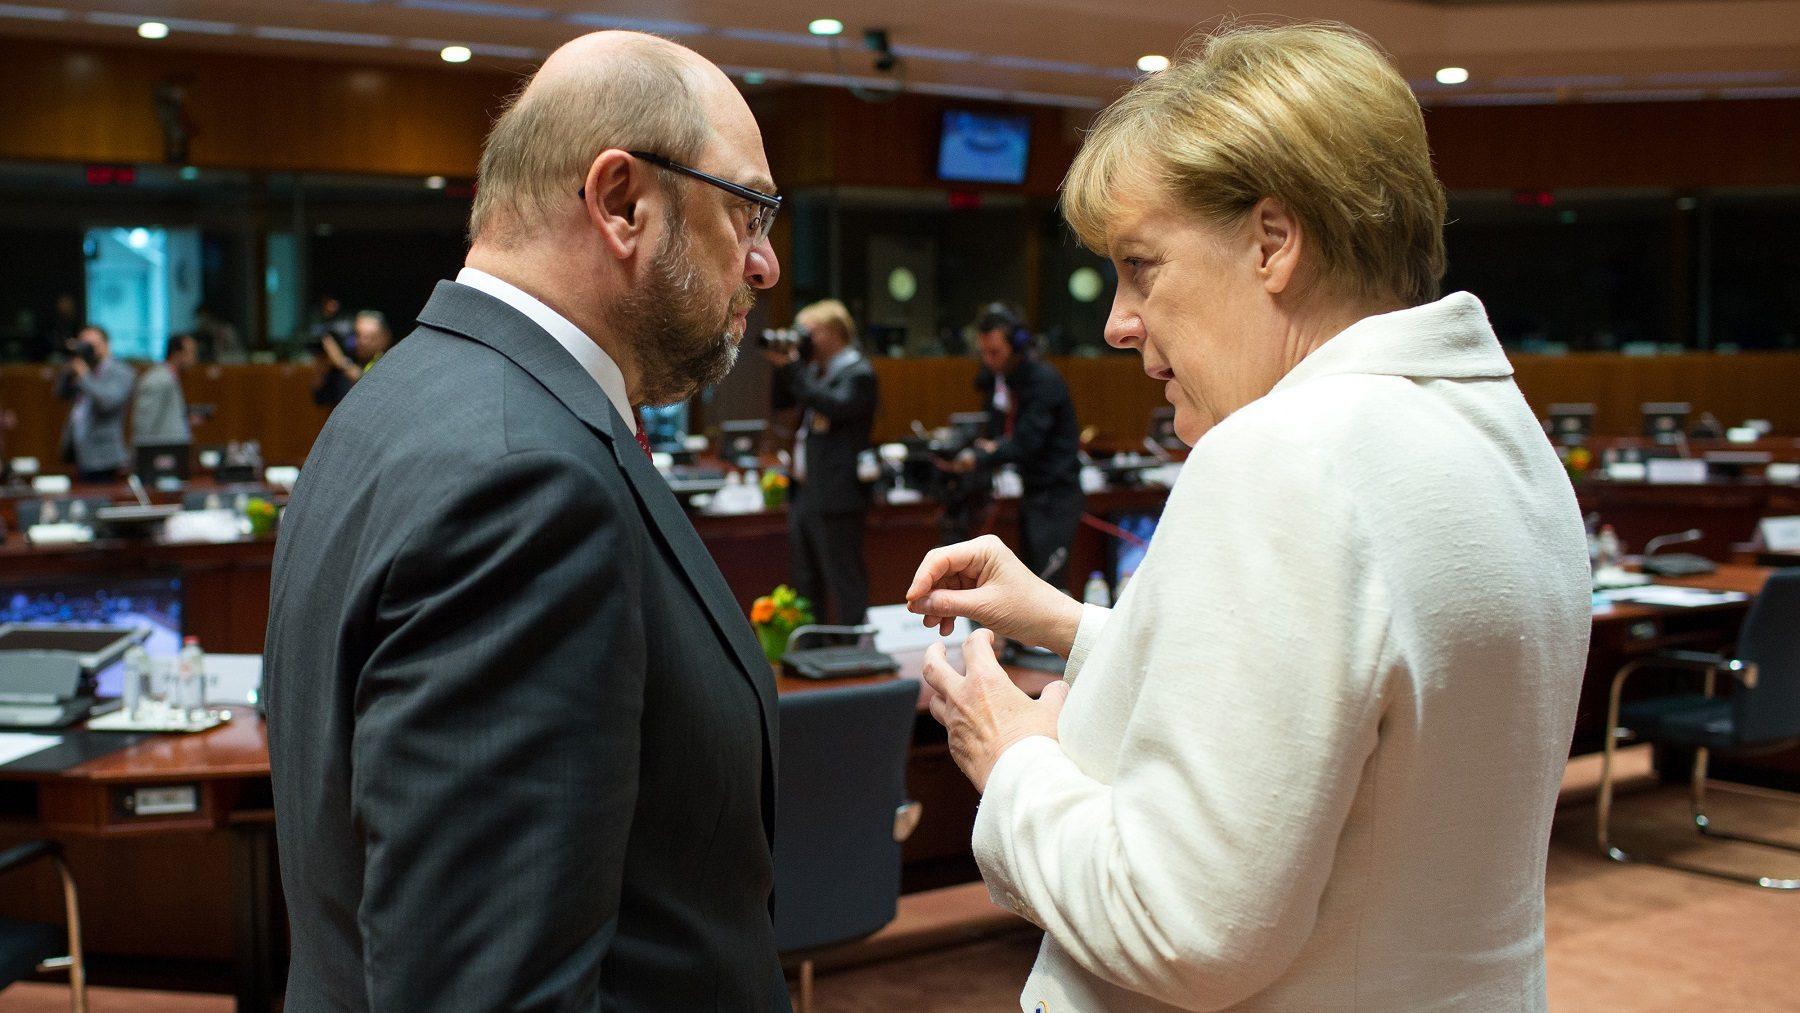 SPD de Schulz aprova negociações com Merkel para formar Governo